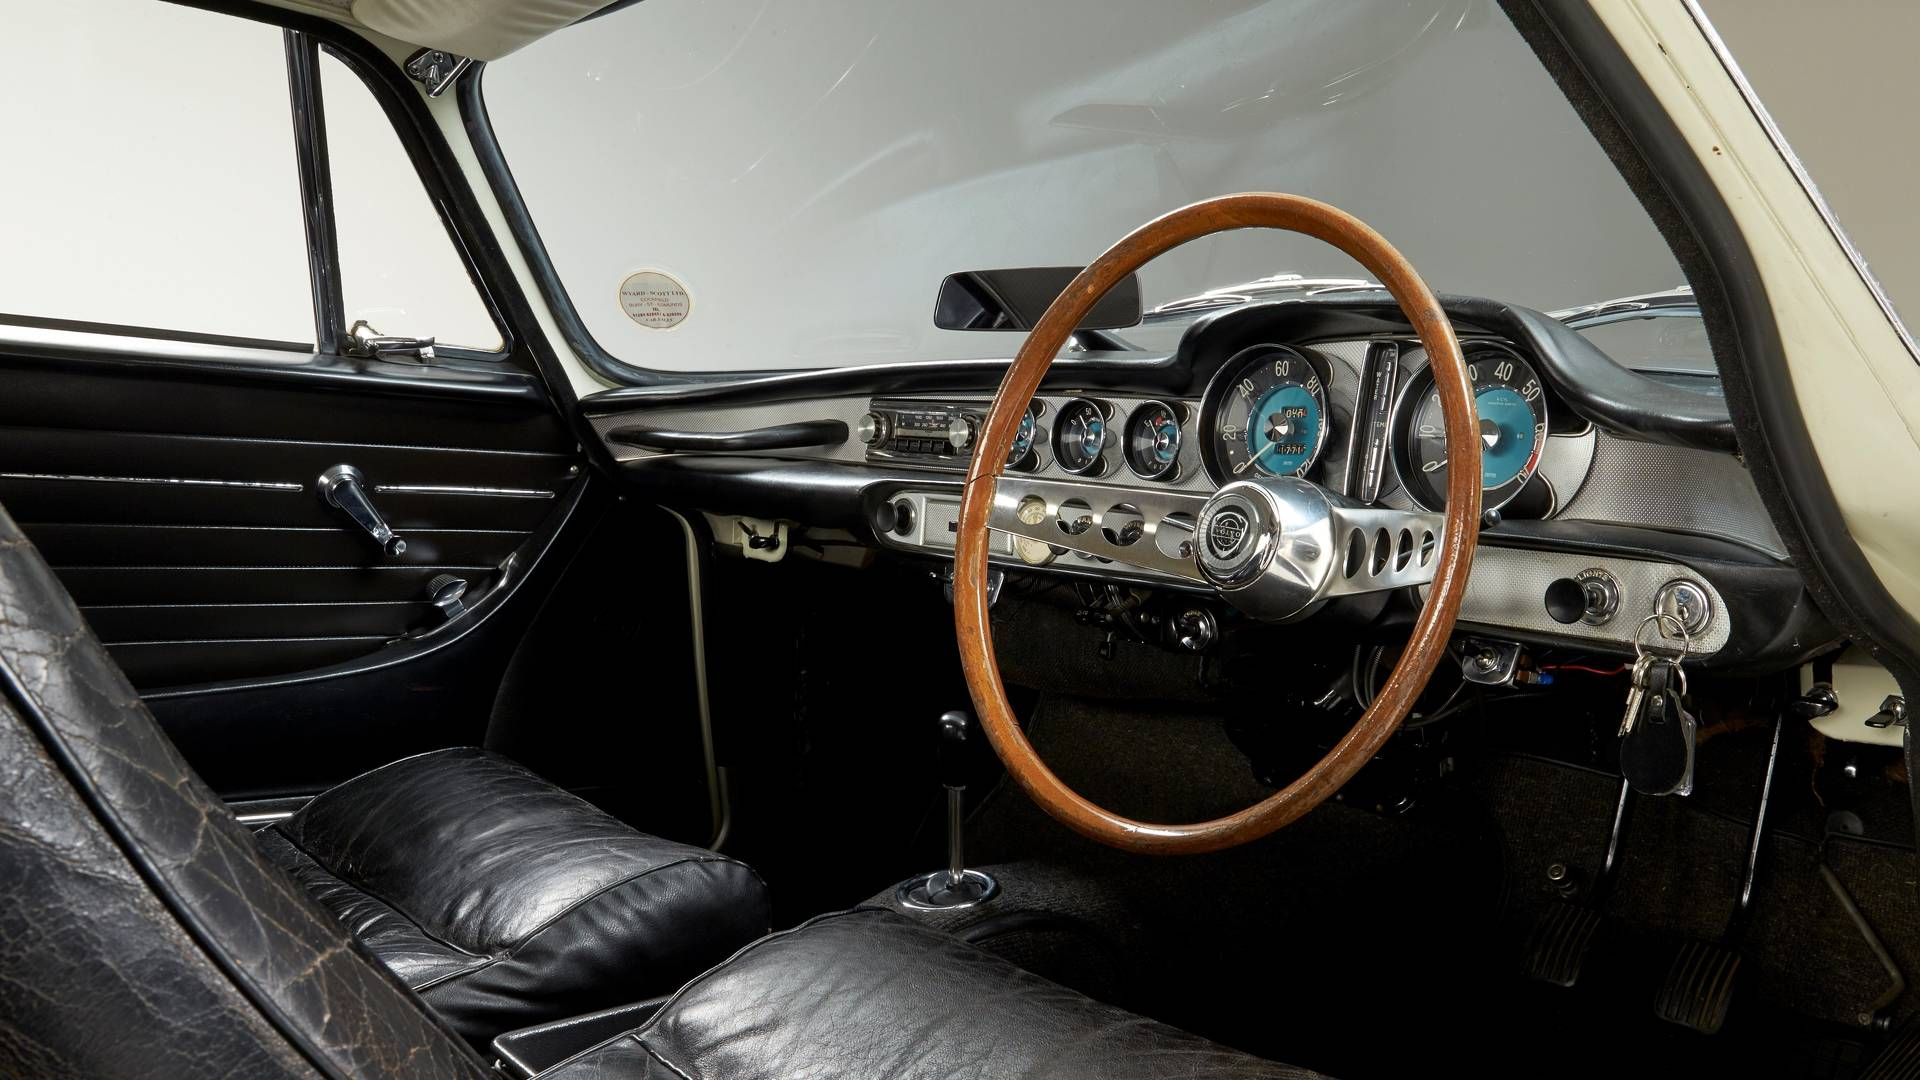 ولوو اکسپرس راجر مور - اجاره ماشین - اجاره خودرو - کرایه ماشین